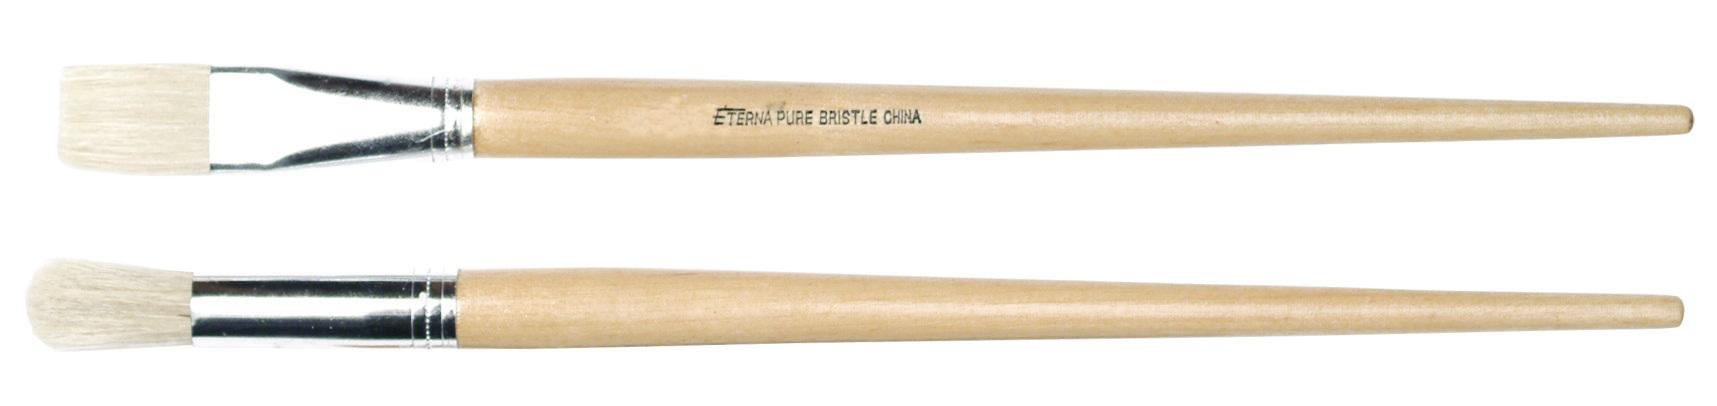 No.7 Round Hog Brush